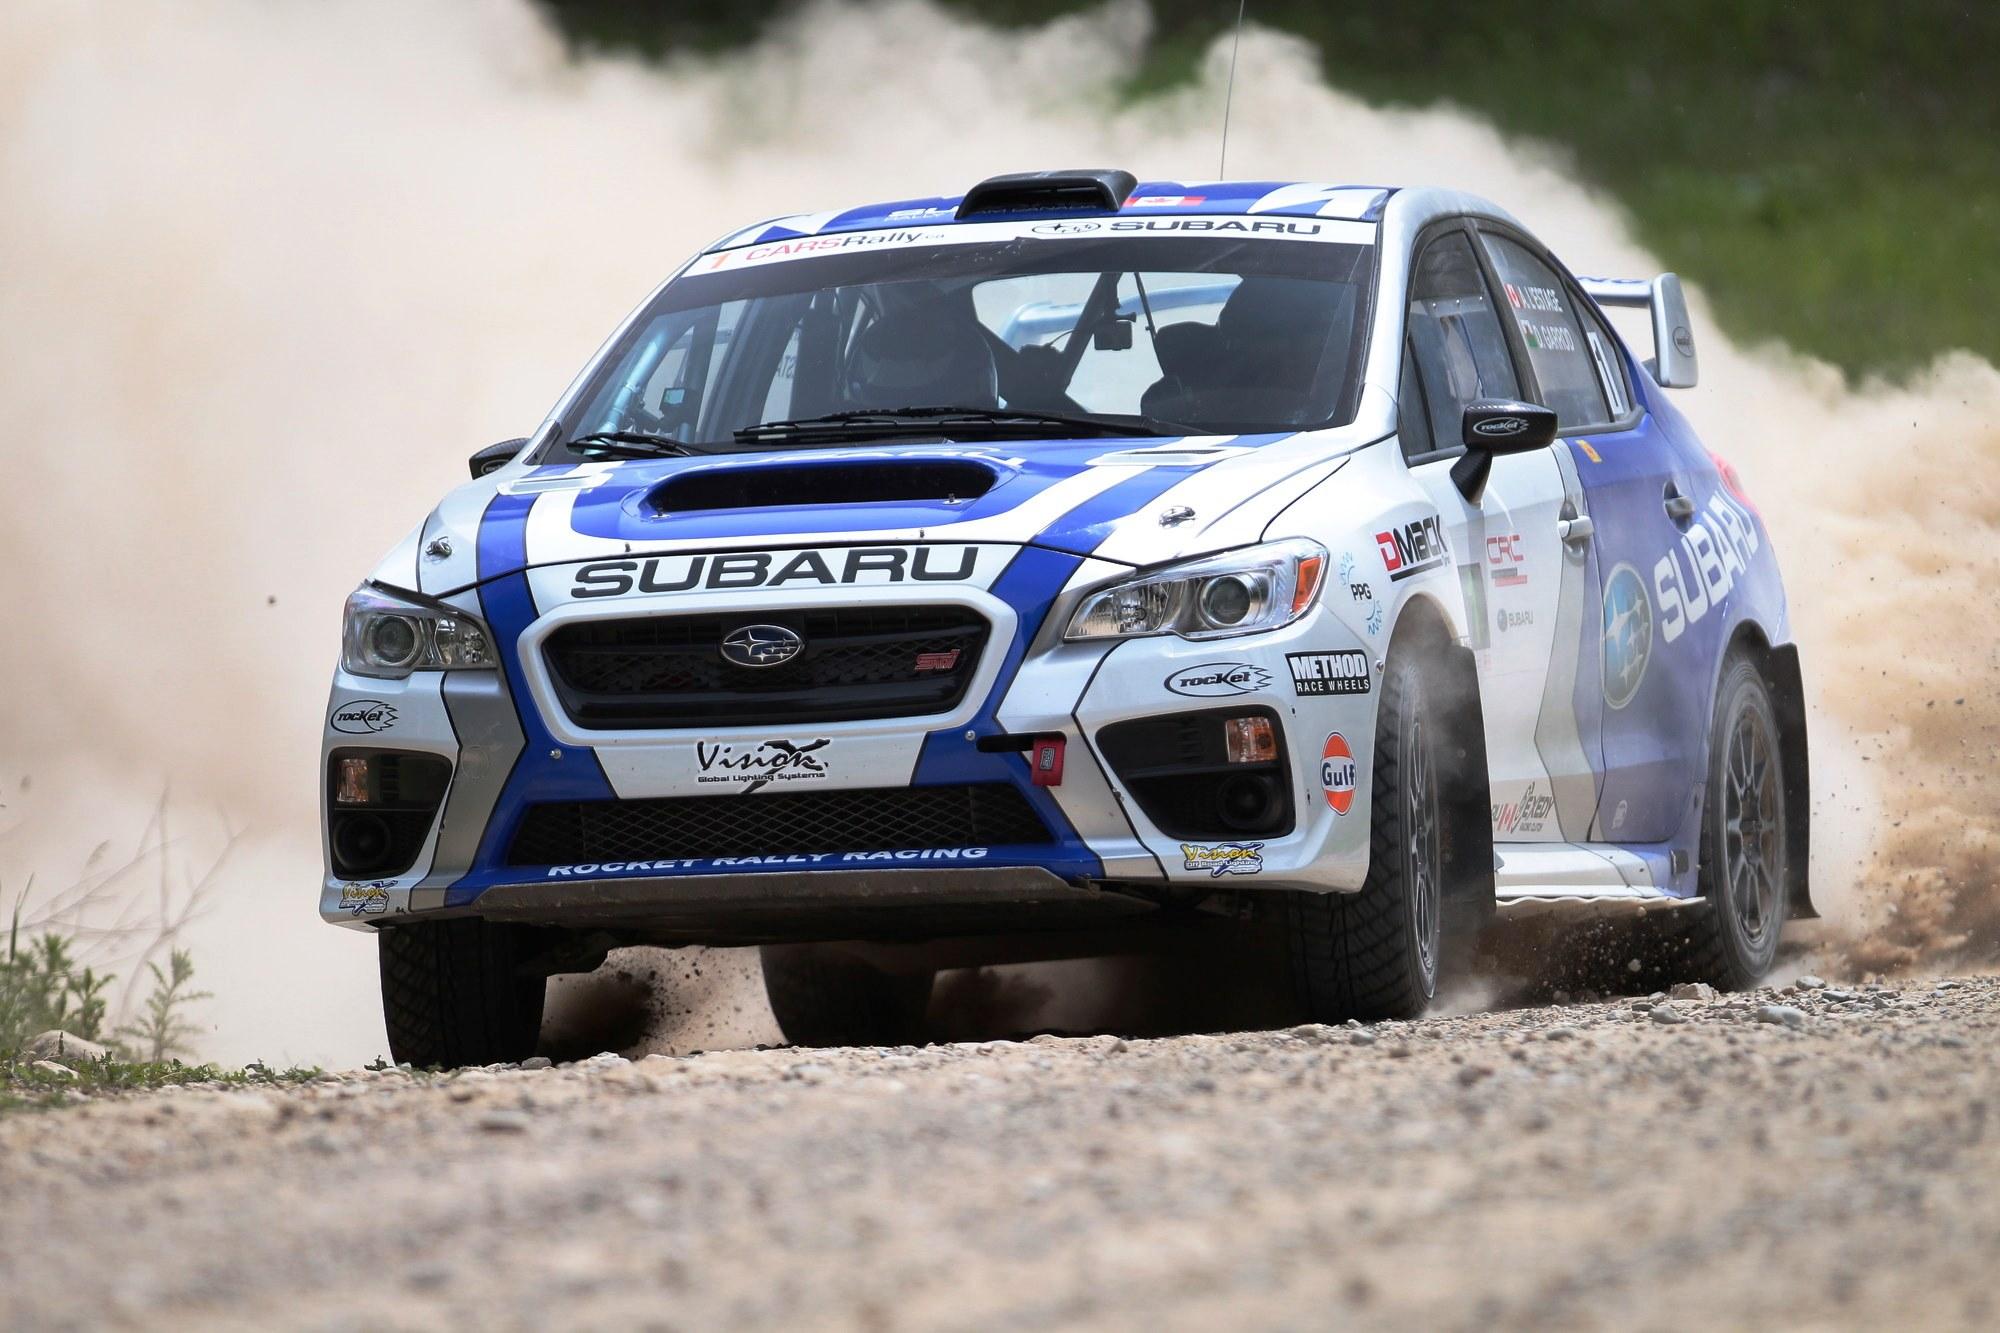 Subaru L'Estage